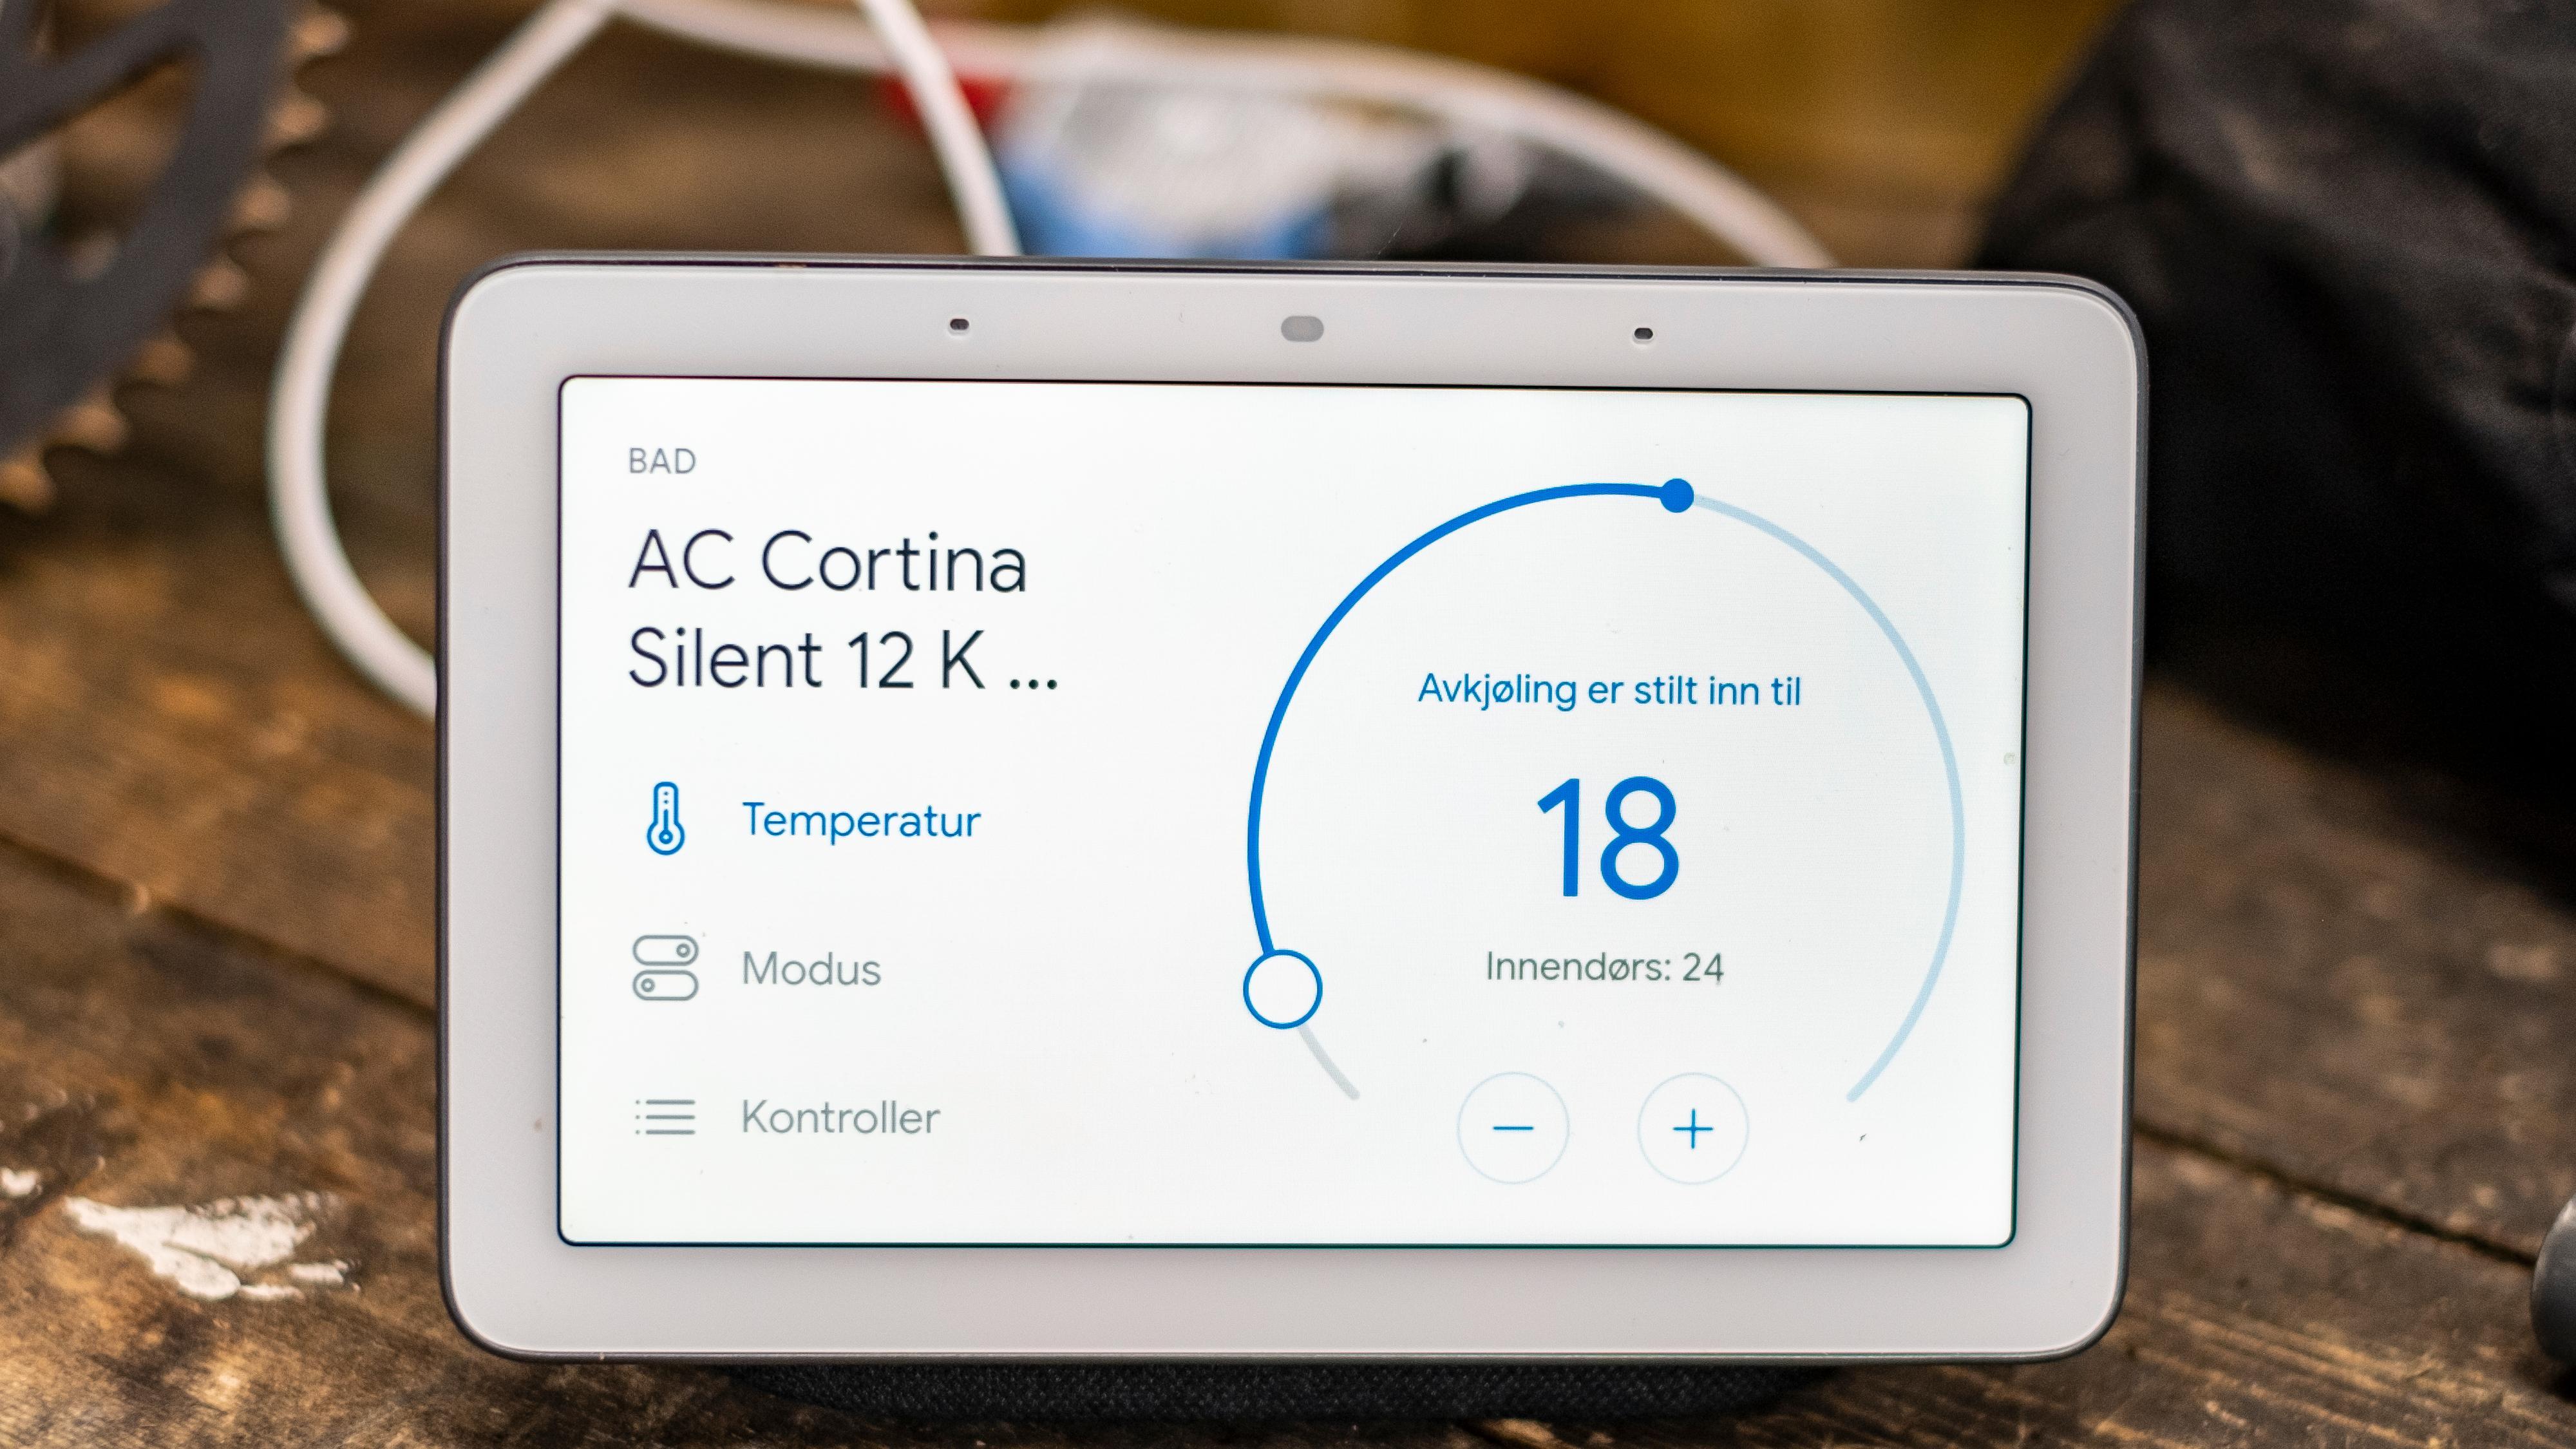 Det er greit å styre Cortina fra Google-assistenten, men å styre noe mer enn av, på og temperatur viste seg krøkkete. Det er mulig å endre noen innstillinger ved å trykke direkte på skjermen, men her vises det også til oppvarming som ikke er en funksjon denne boksen har. Alt tyder på at app og Google ikke snakker helt 100 prosent med hverandre.